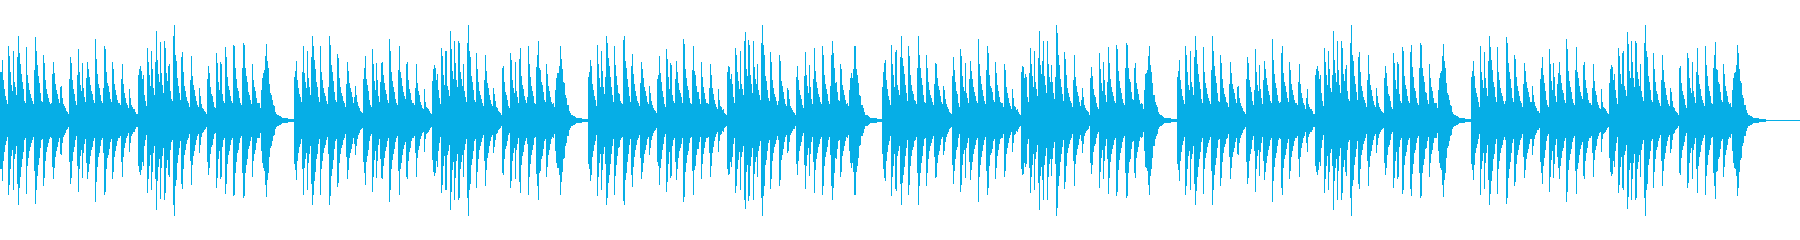 ベビーオルゴール 5 Monkeys×6の再生済みの波形